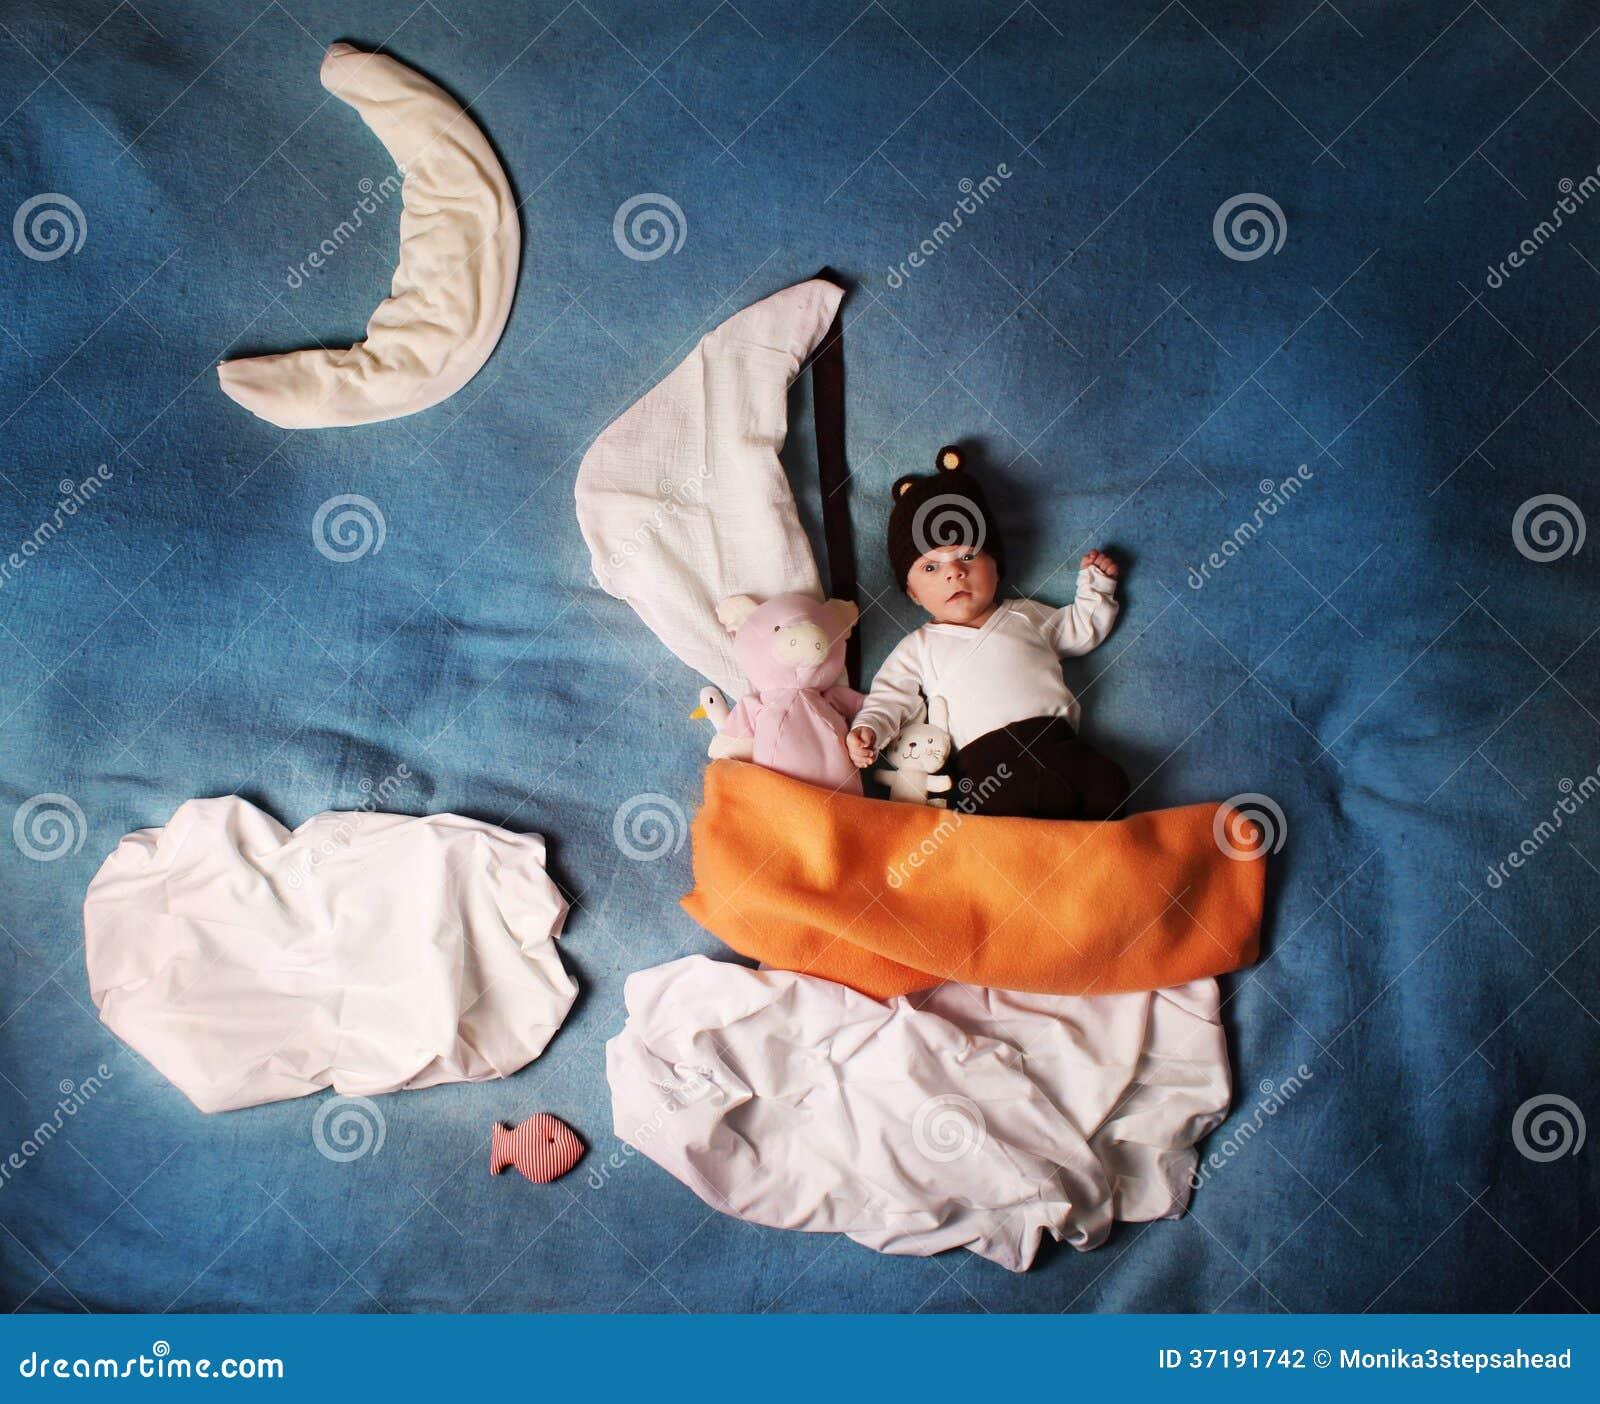 De zoete droom van de baby van de nacht - de rit van het nachtzeil